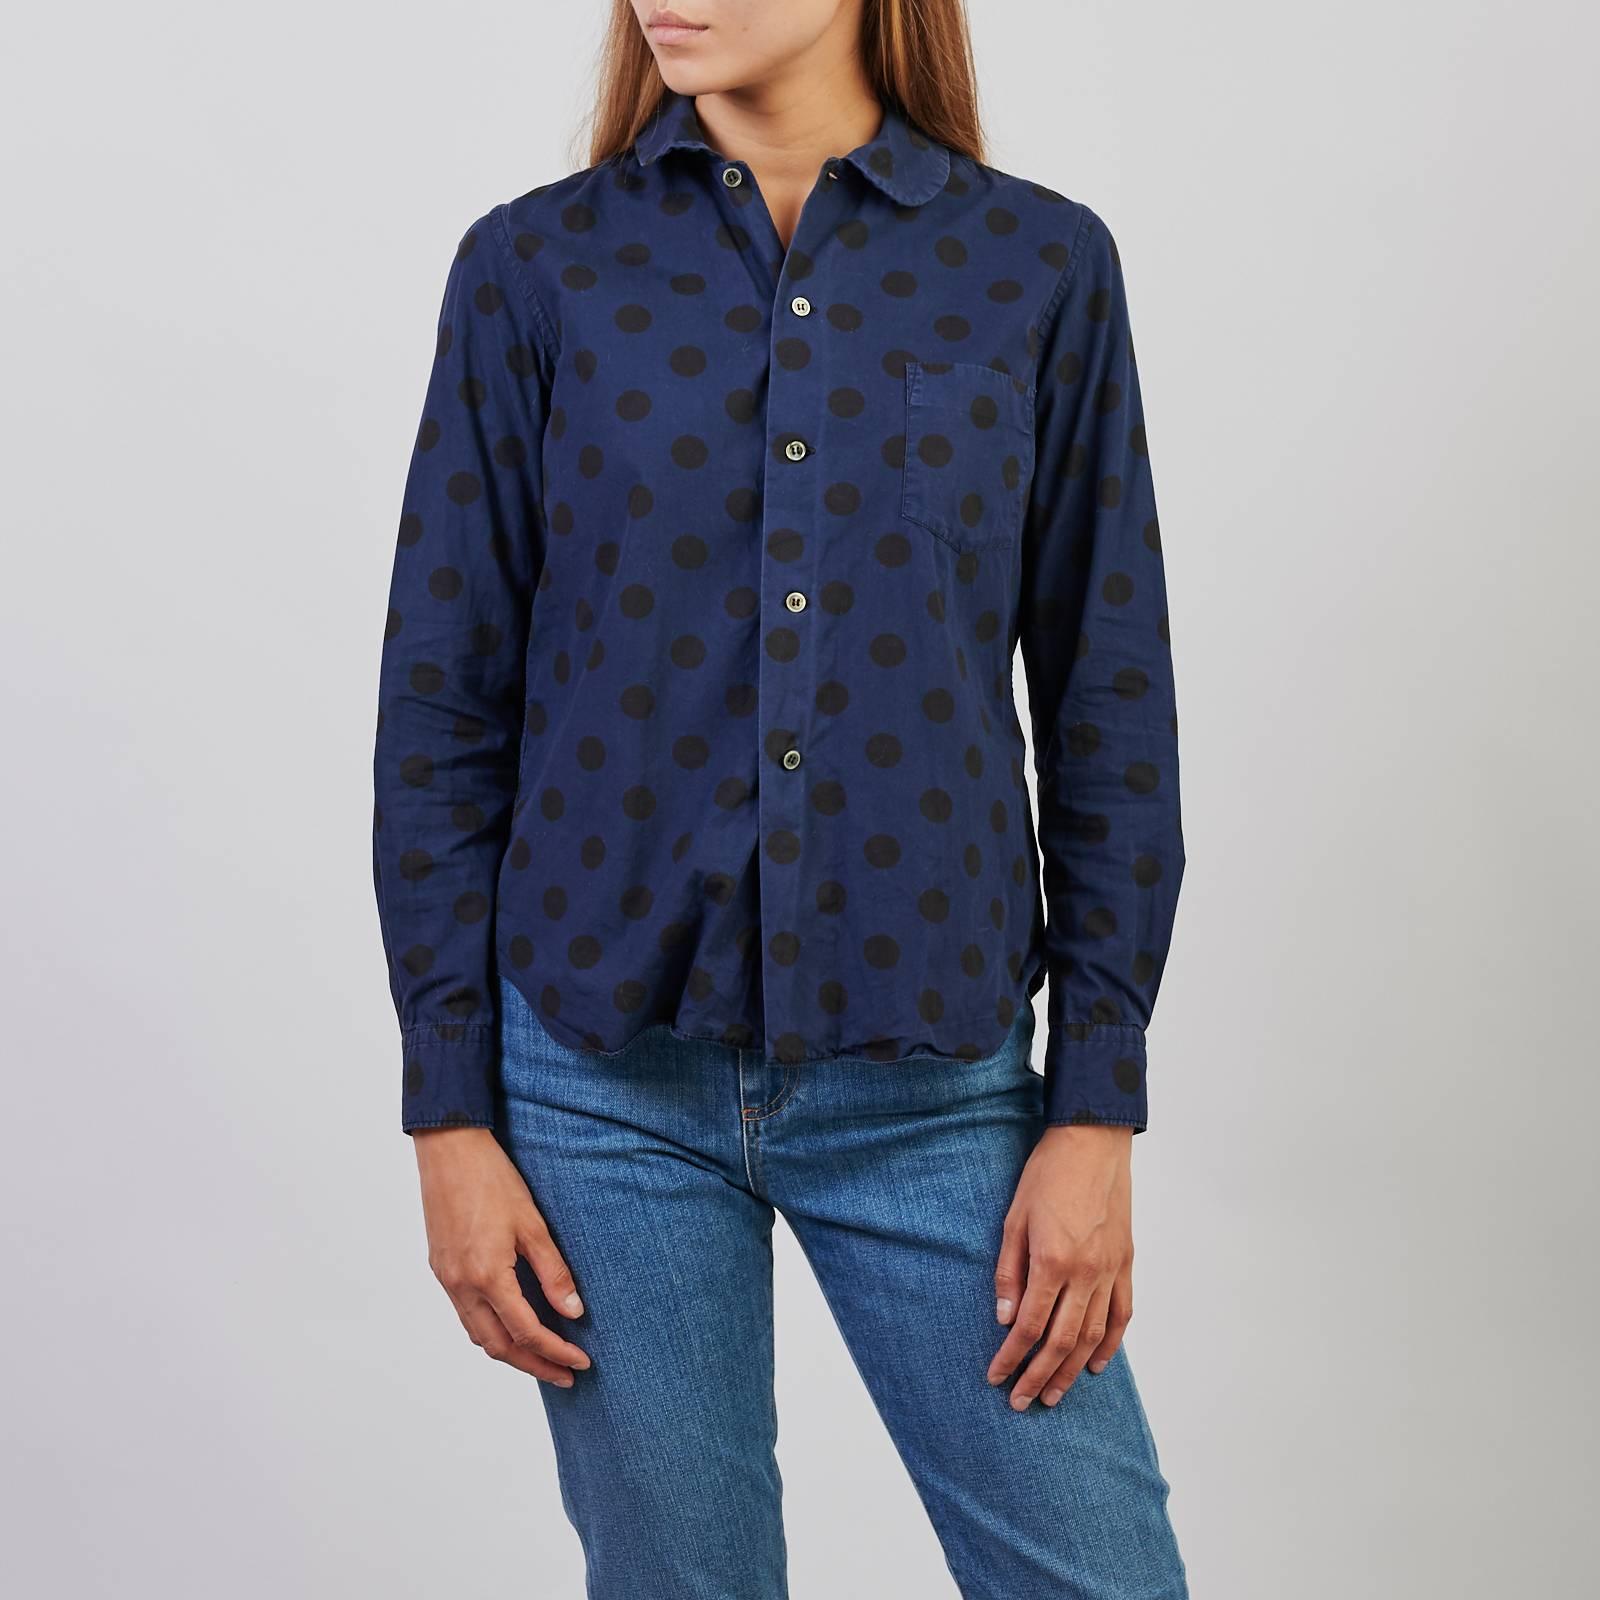 Купить рубашку Comme des Garcons Black в Москве с доставкой по цене 3200 рублей | Second Friend Store